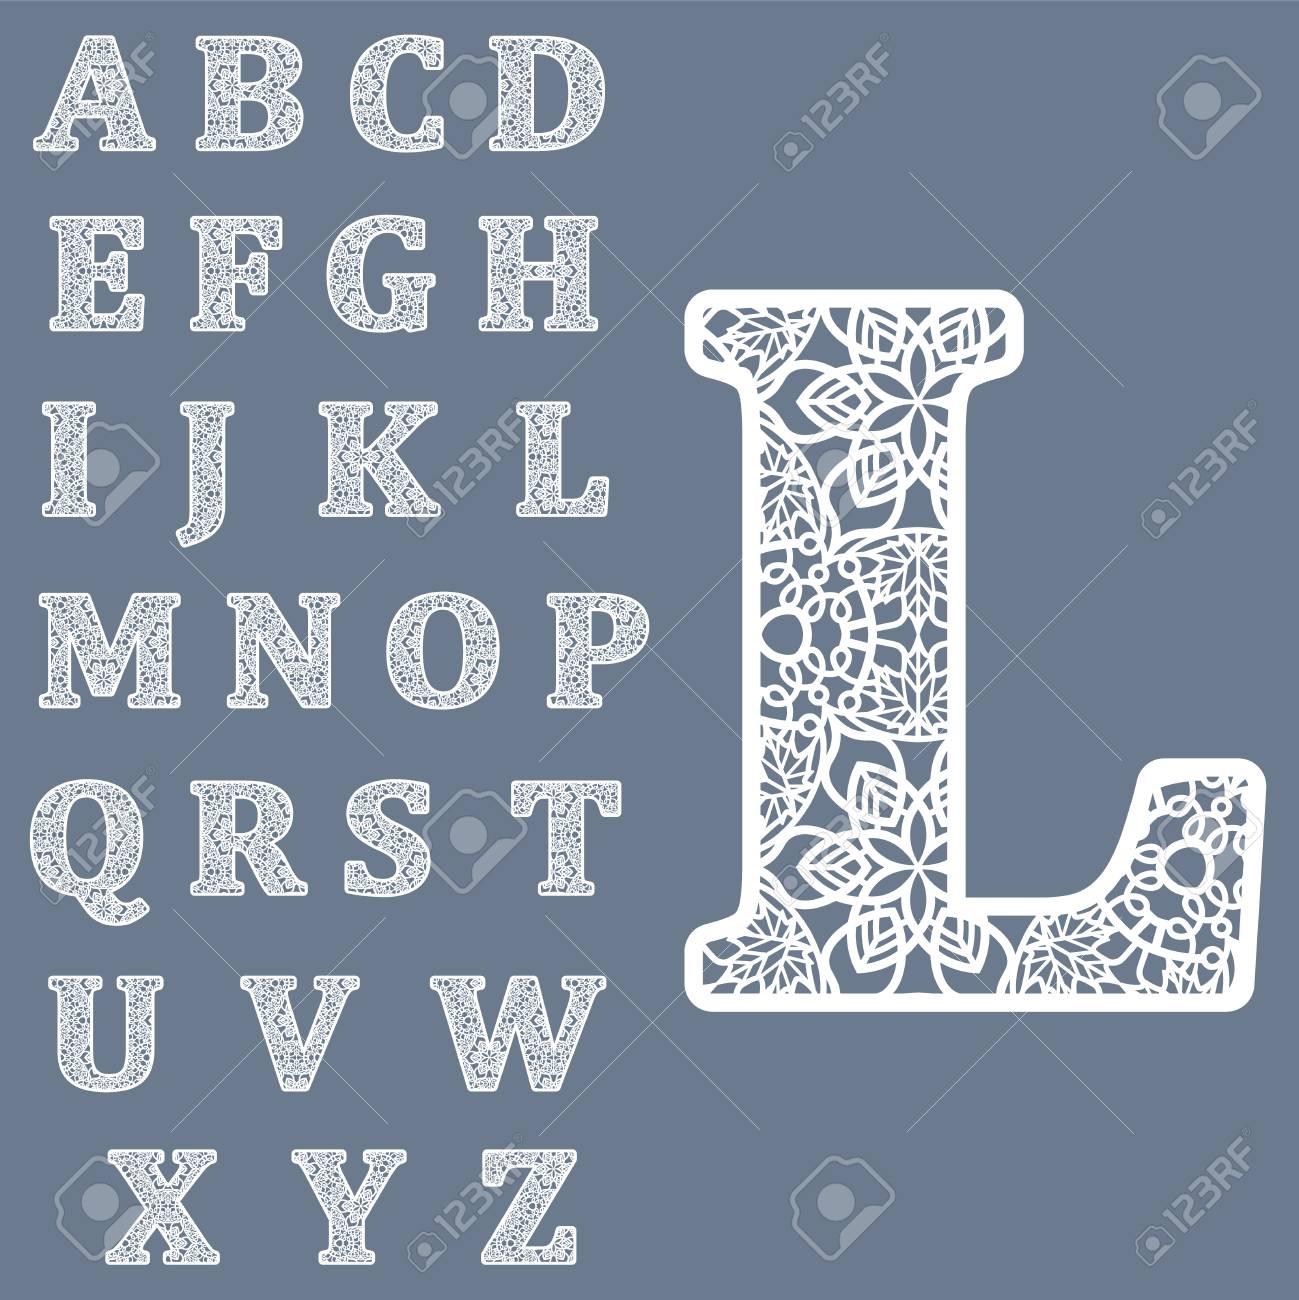 Modèles Pour Découpage De Lettres. Alphabet Anglais Complet. Peut Être  Utilisé Pour La Découpe Au Laser. Lettres De Dentelle De Fantaisie. intérieur Découper En Anglais